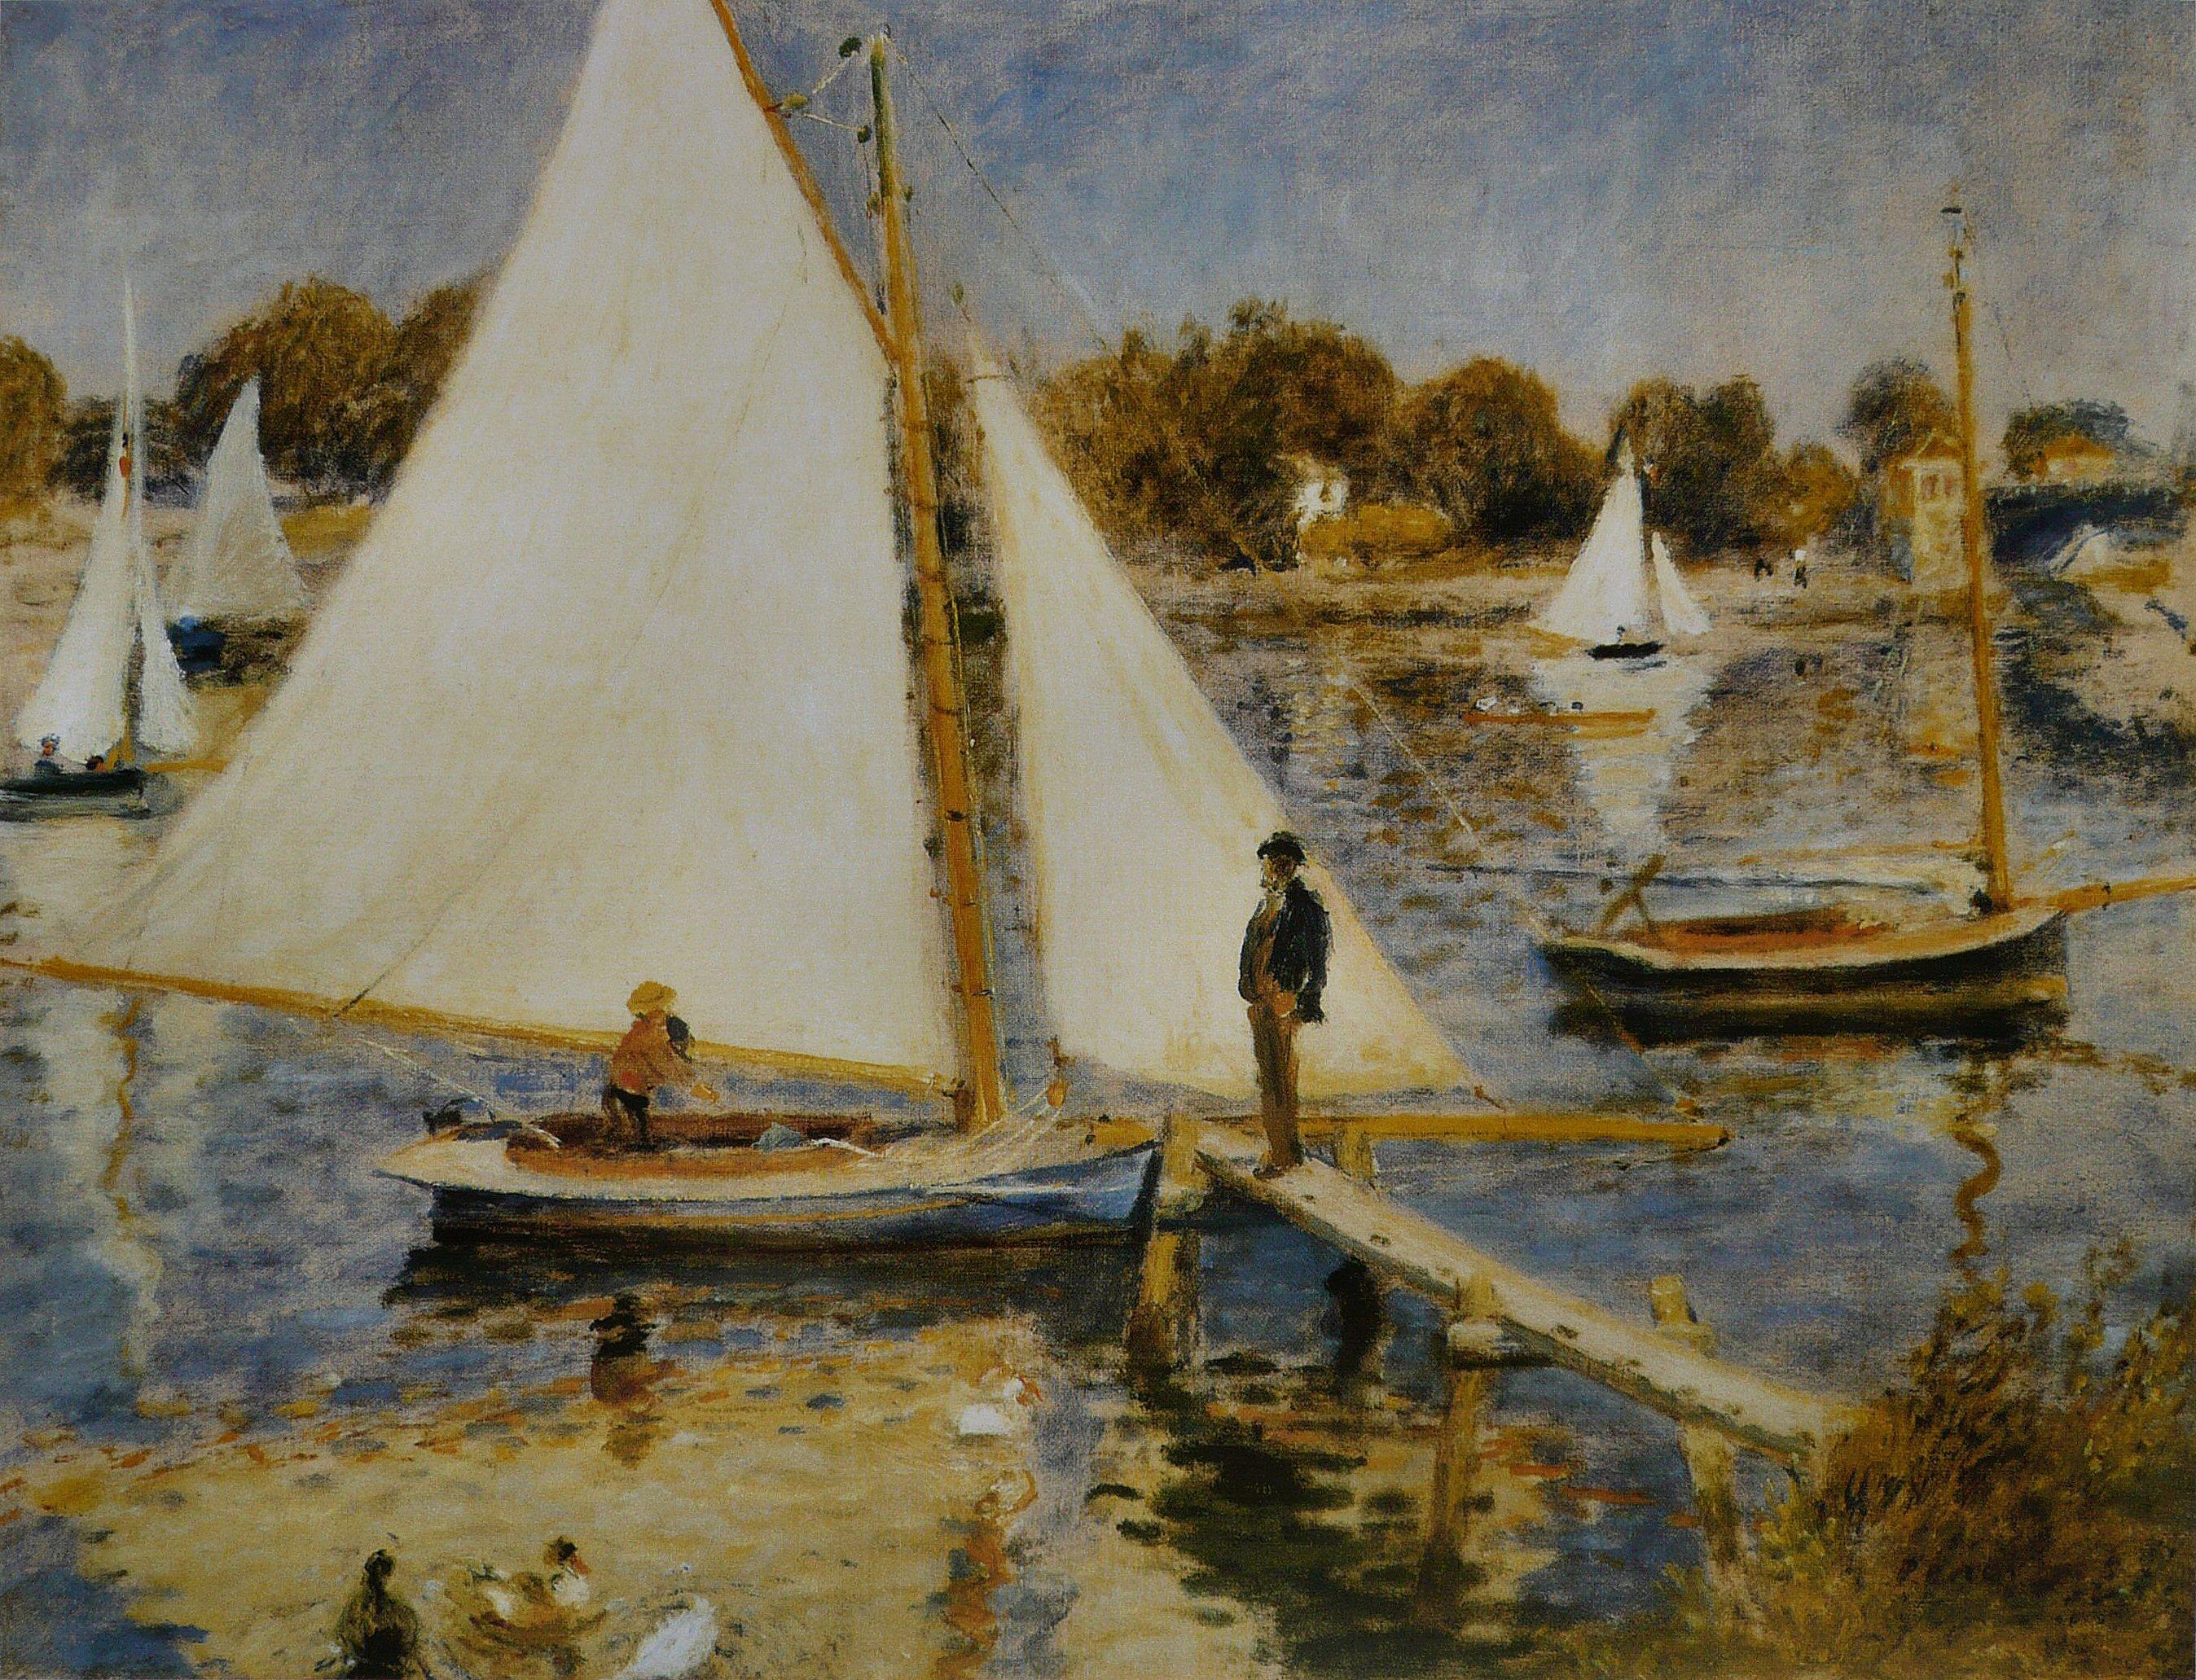 https://upload.wikimedia.org/wikipedia/commons/6/6b/Pierre-Auguste_Renoir_-_La_Seine_%C3%A0_Argenteuil.jpg